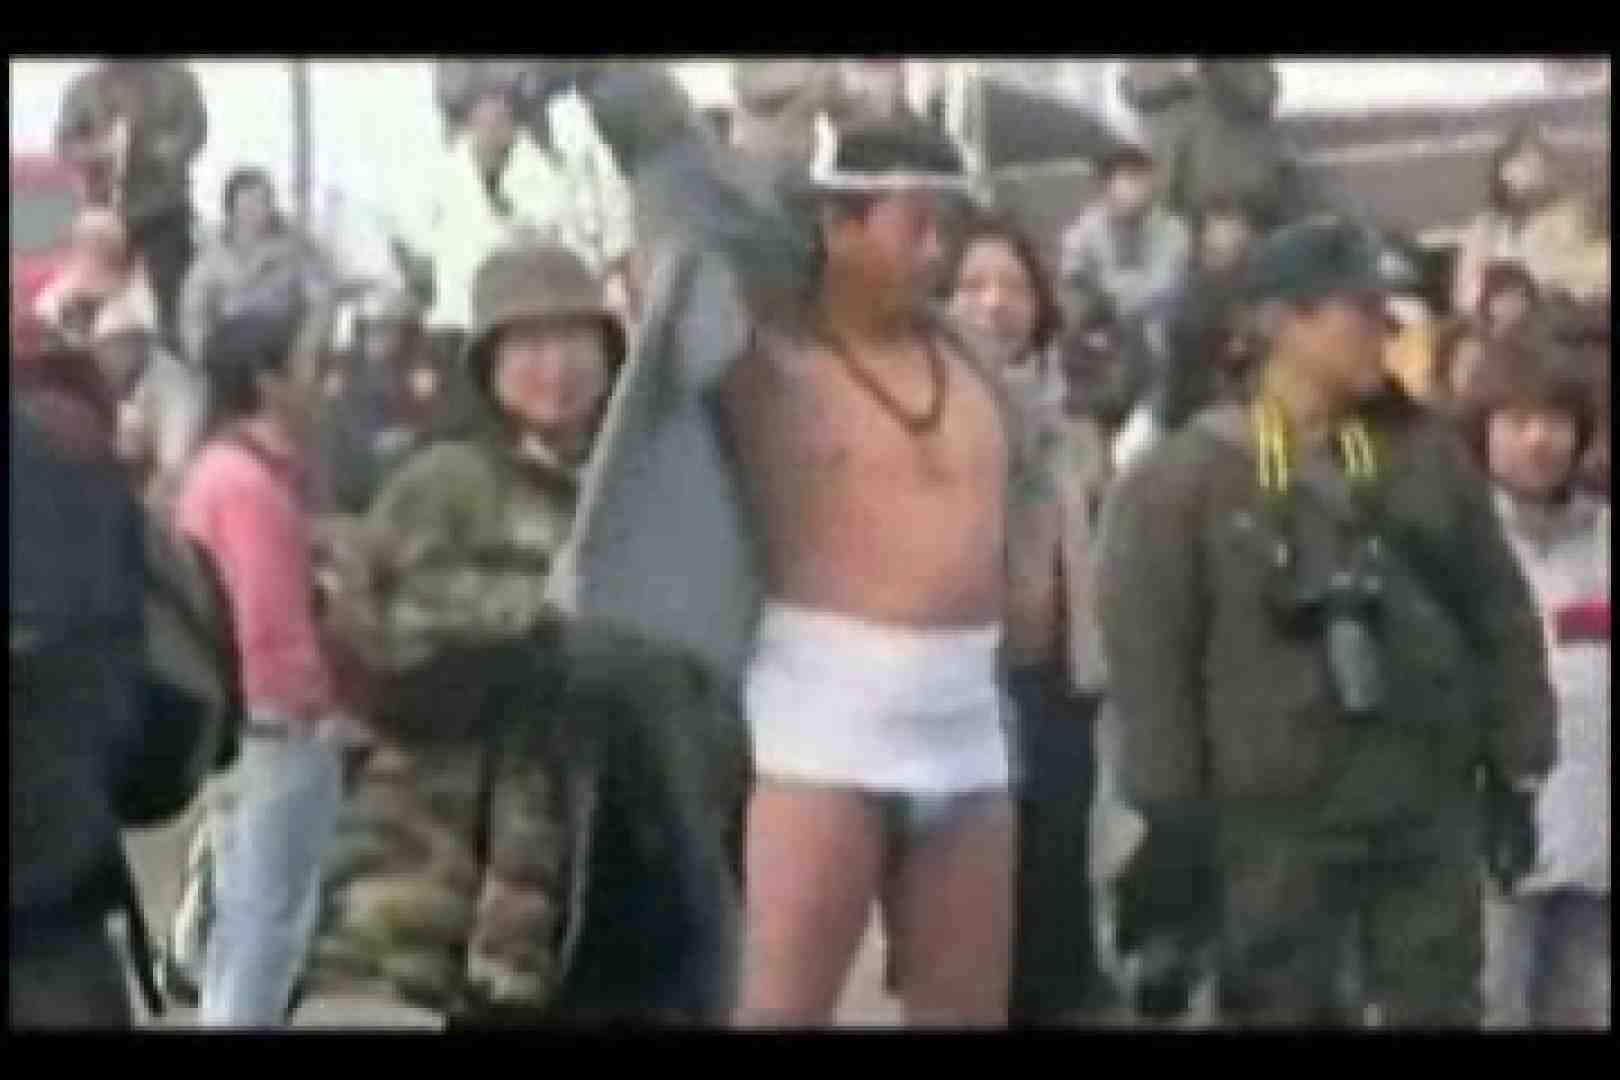 陰間茶屋 男児祭り VOL.1 野外露出 ゲイ素人エロ画像 66枚 49